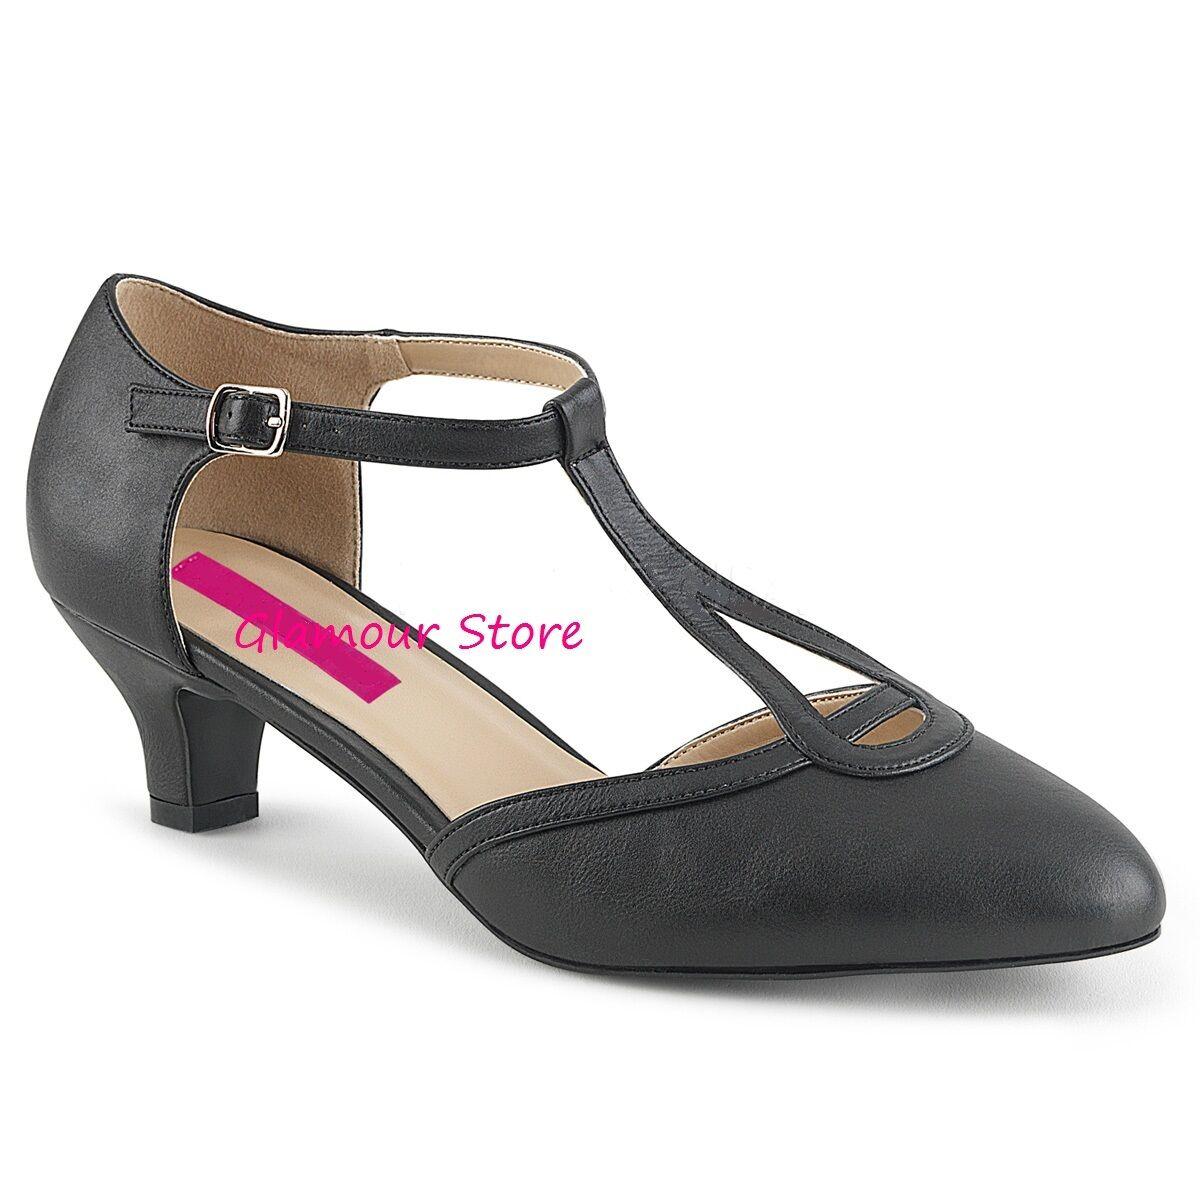 Sexy DECOLTE' tacco 5 cm NERO OPACO dal scarpe 39 al 46 cinturino scarpe dal GLAMOUR chic 478cfa